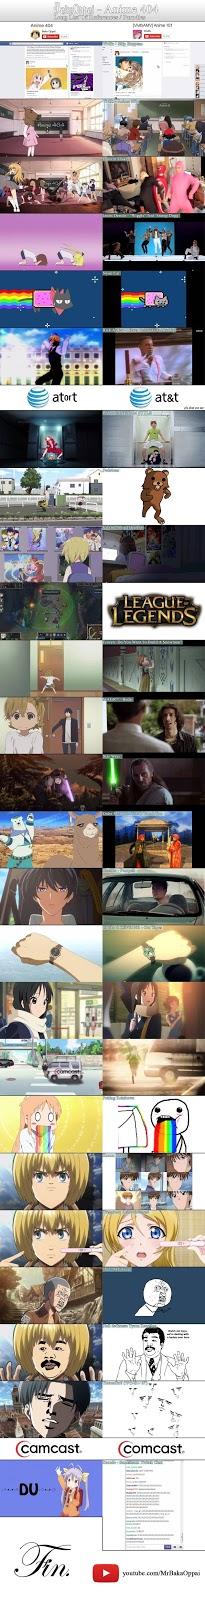 Escenas parodias anime 404